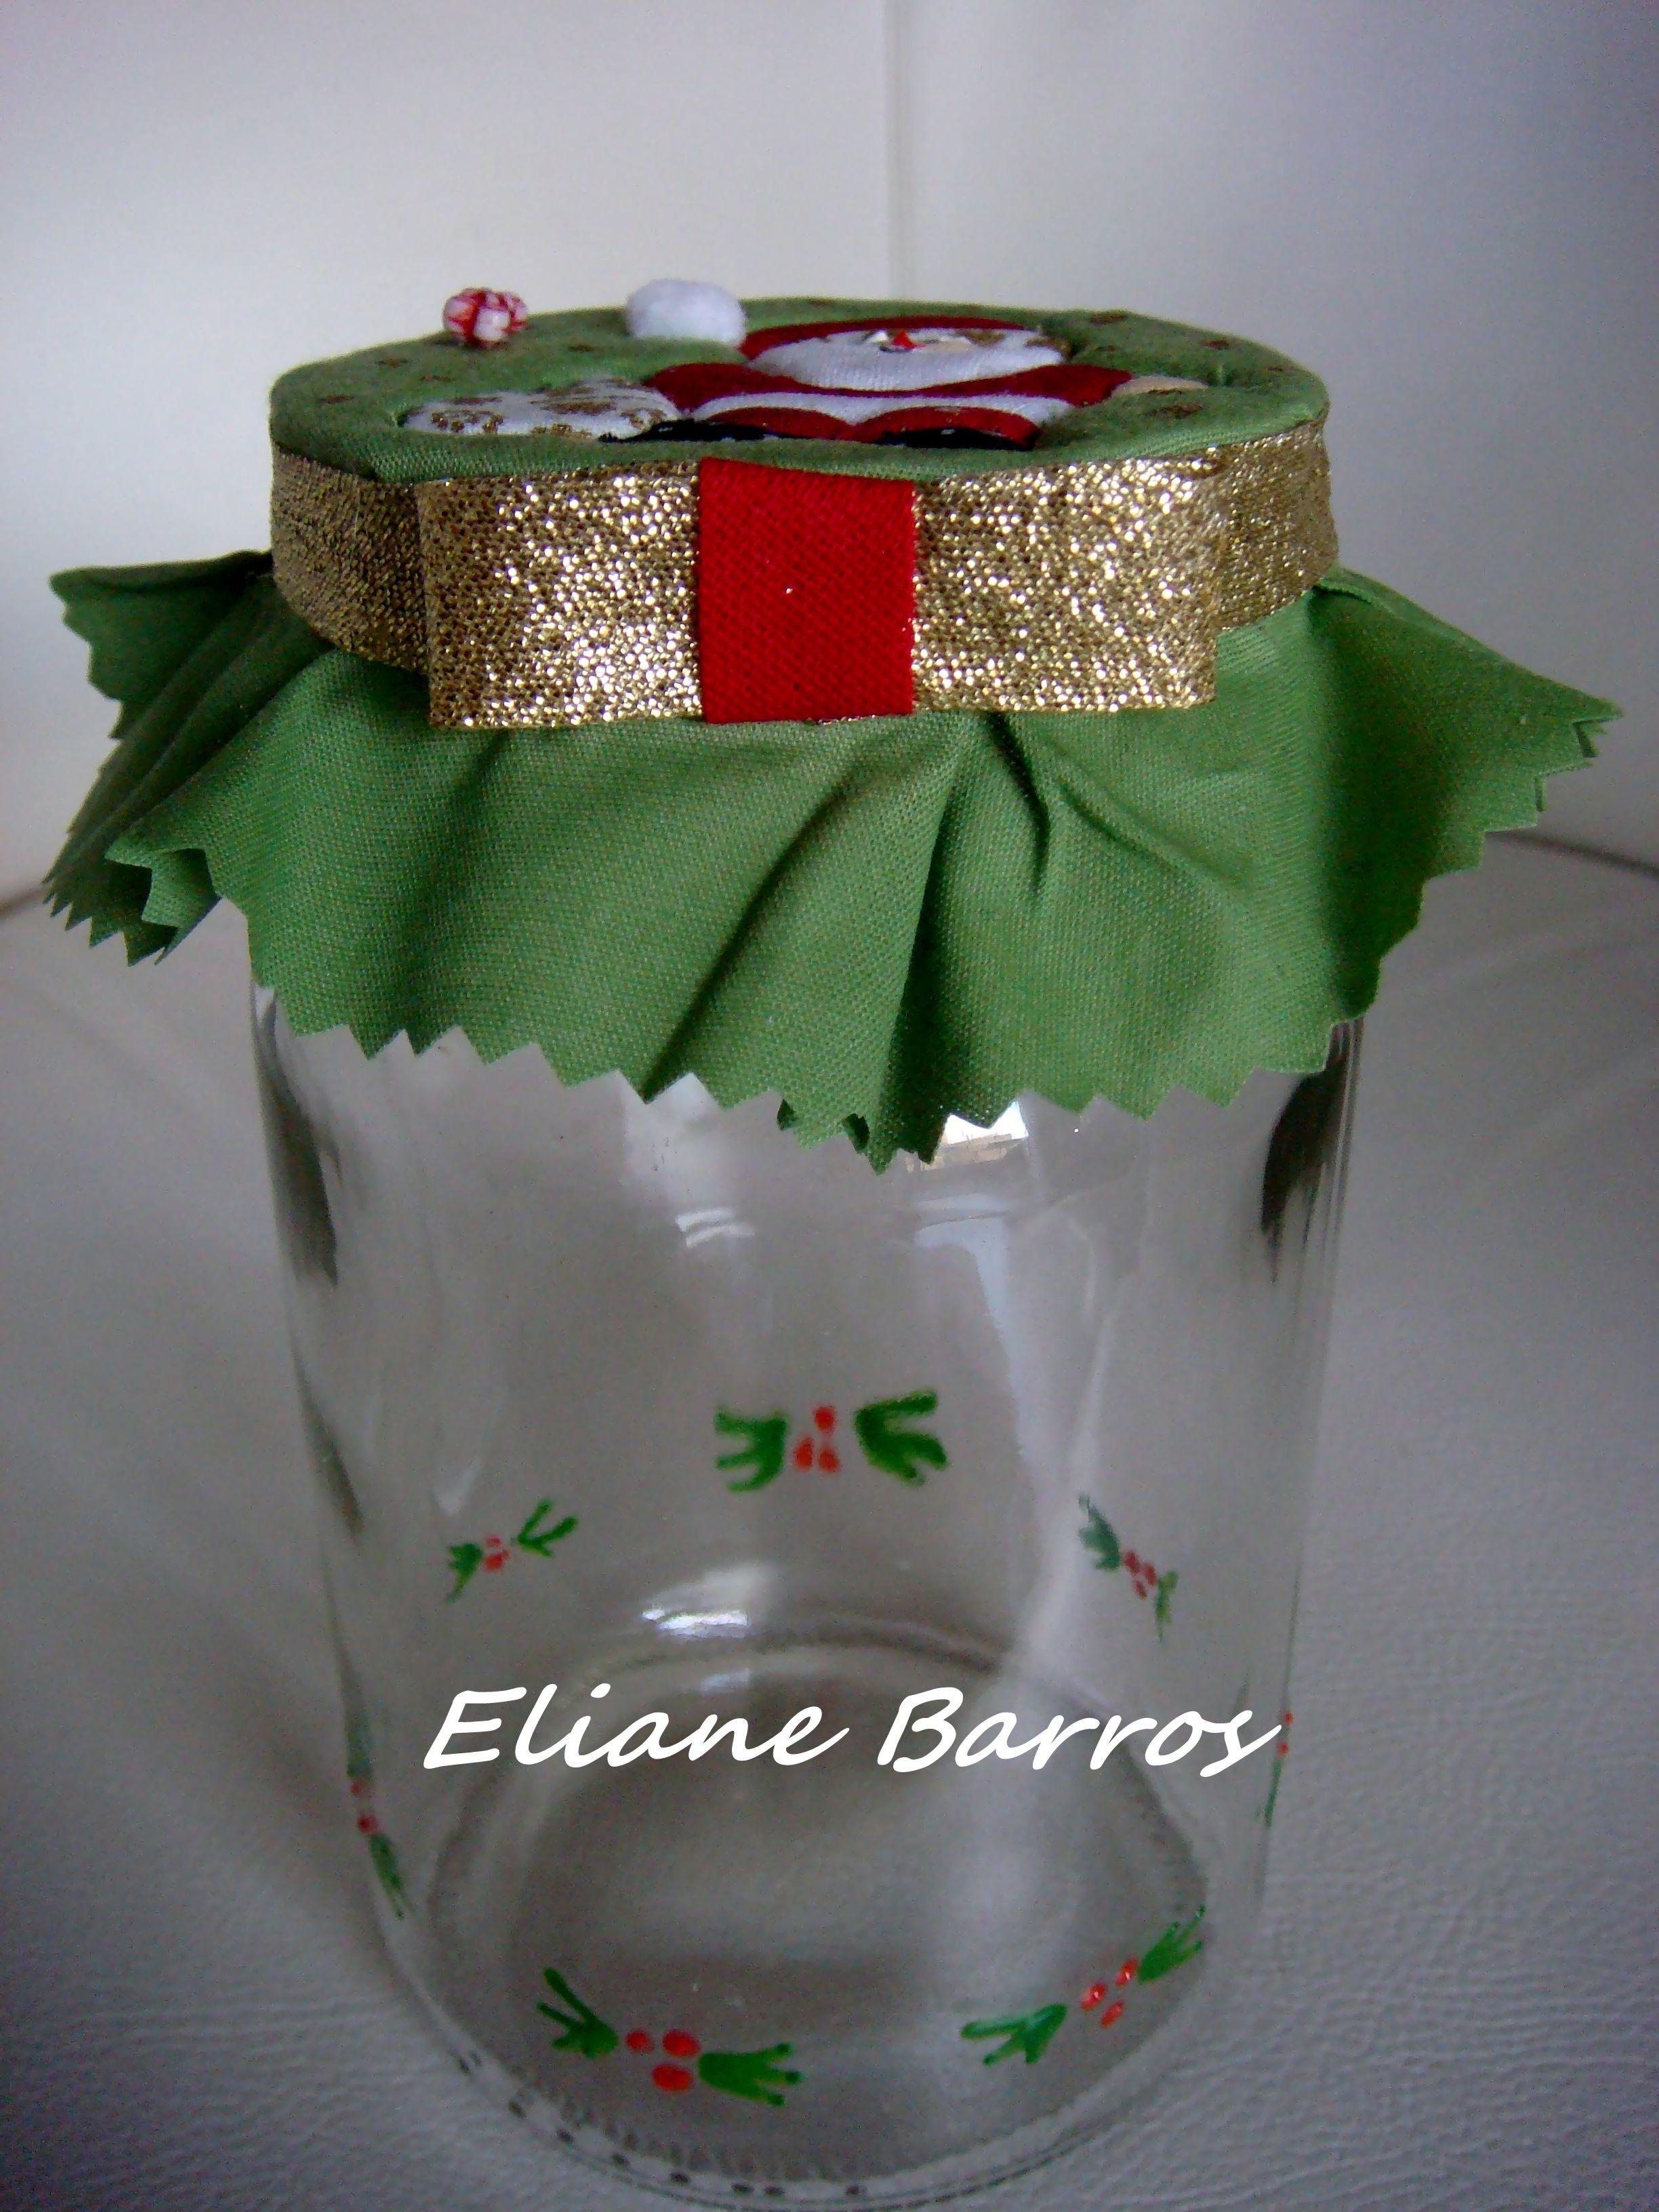 vidro reciclado com tampa trabalhada em patchwork embutido, feito por Eliane Barros